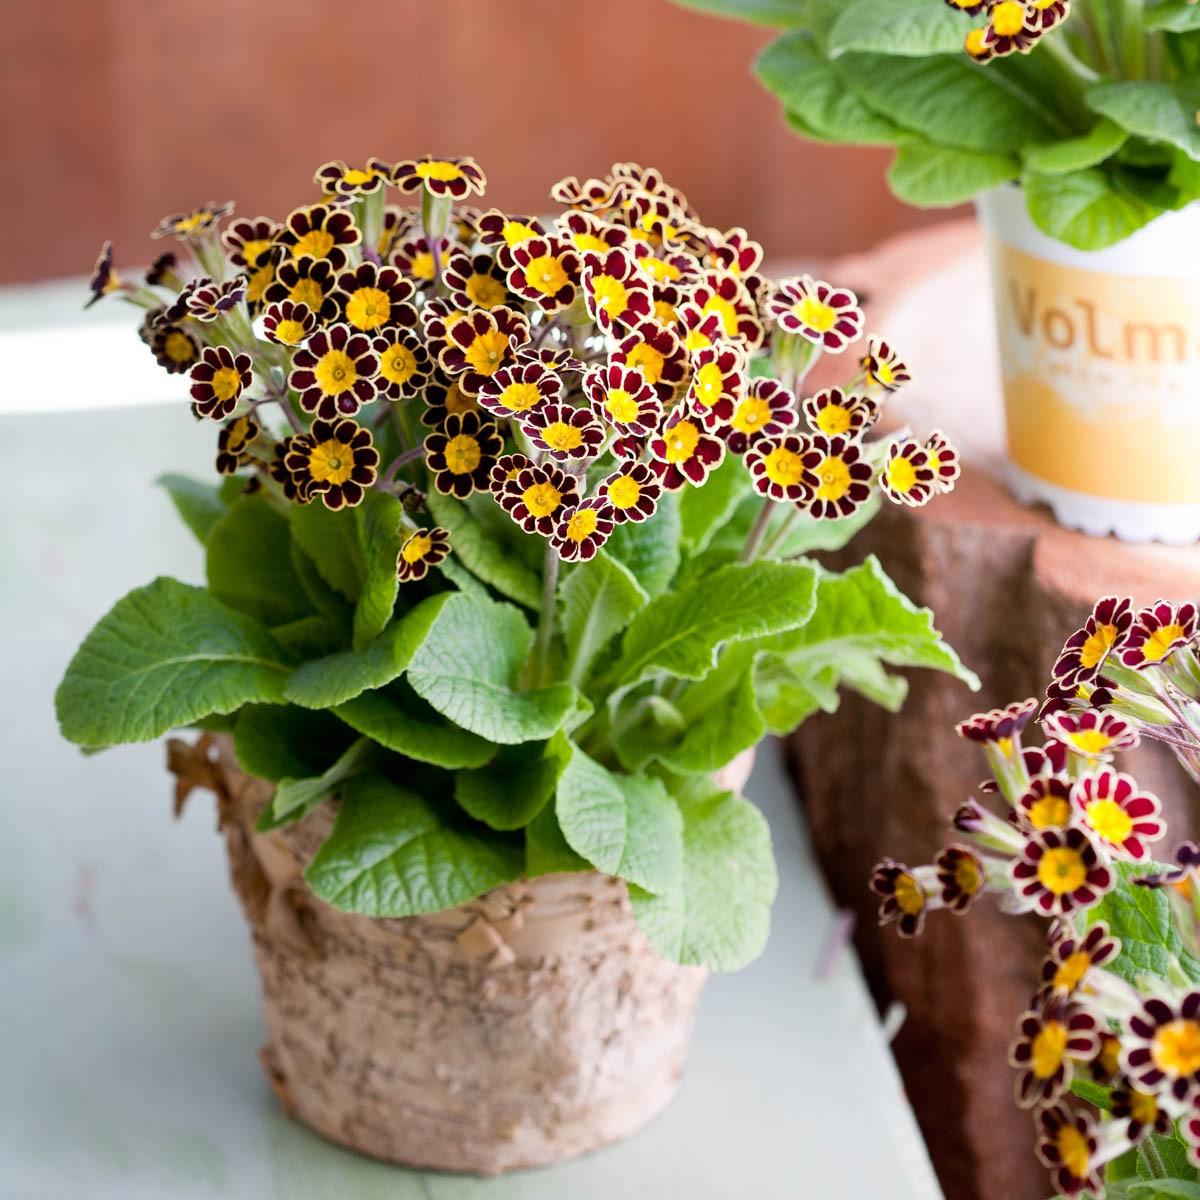 Kronen-Primel 'Victoriana Chocolate'